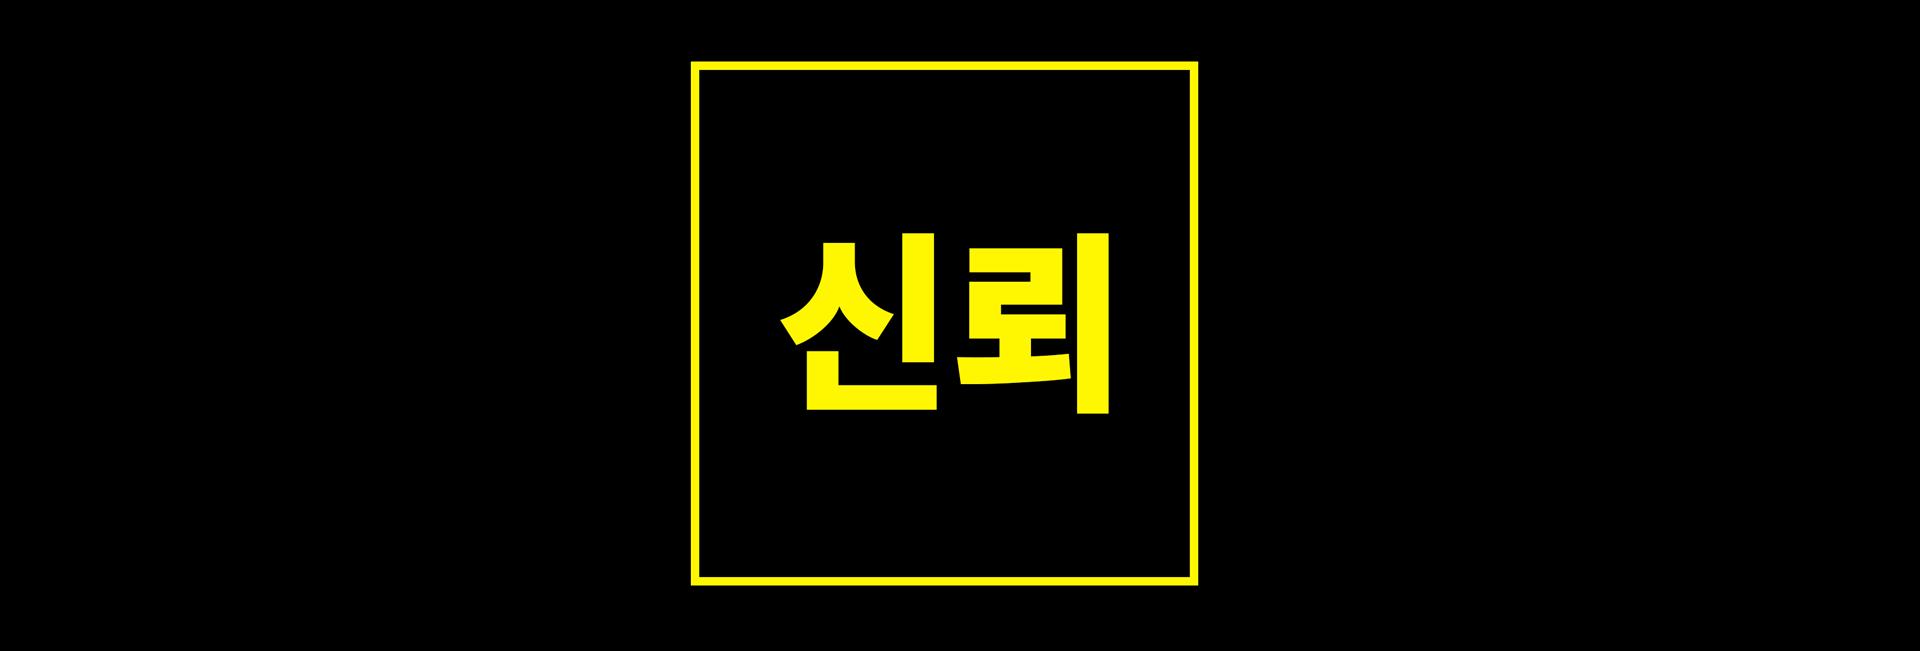 narrow_yellow.png